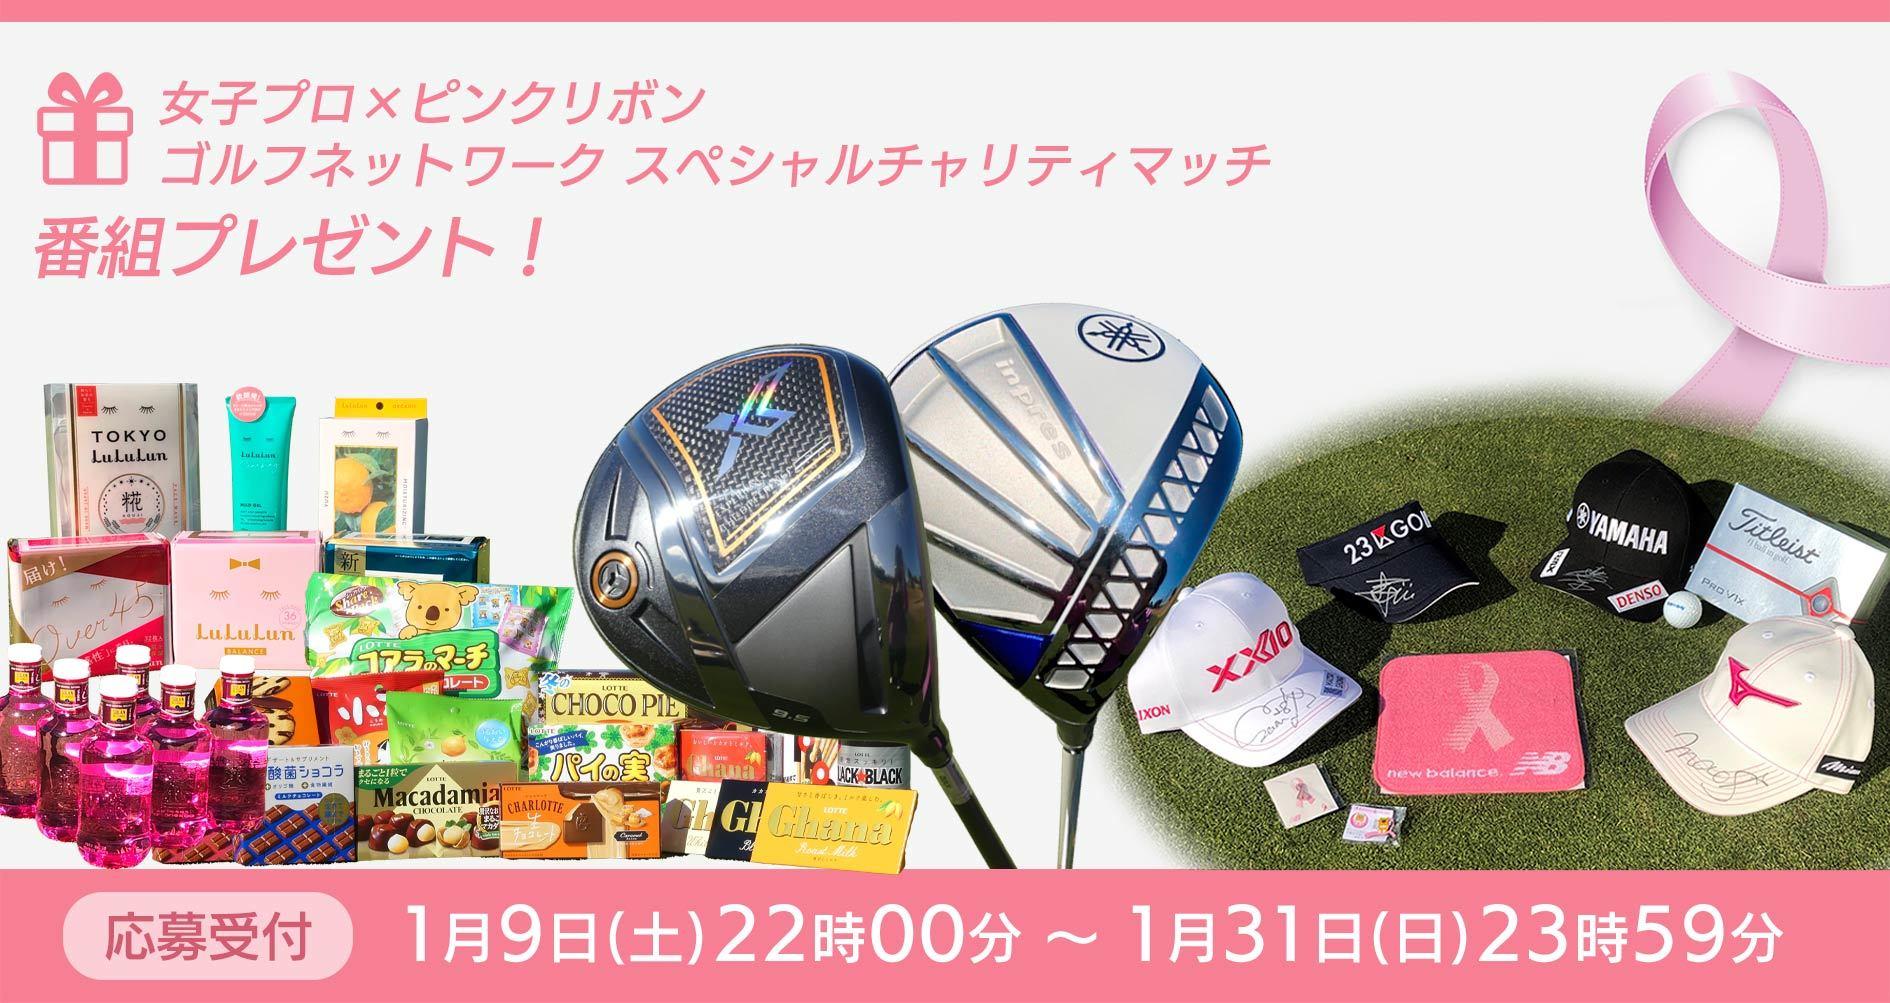 女子プロ×ピンクリボン「ゴルフネットワーク スペシャルチャリティマッチ」番組プレゼント